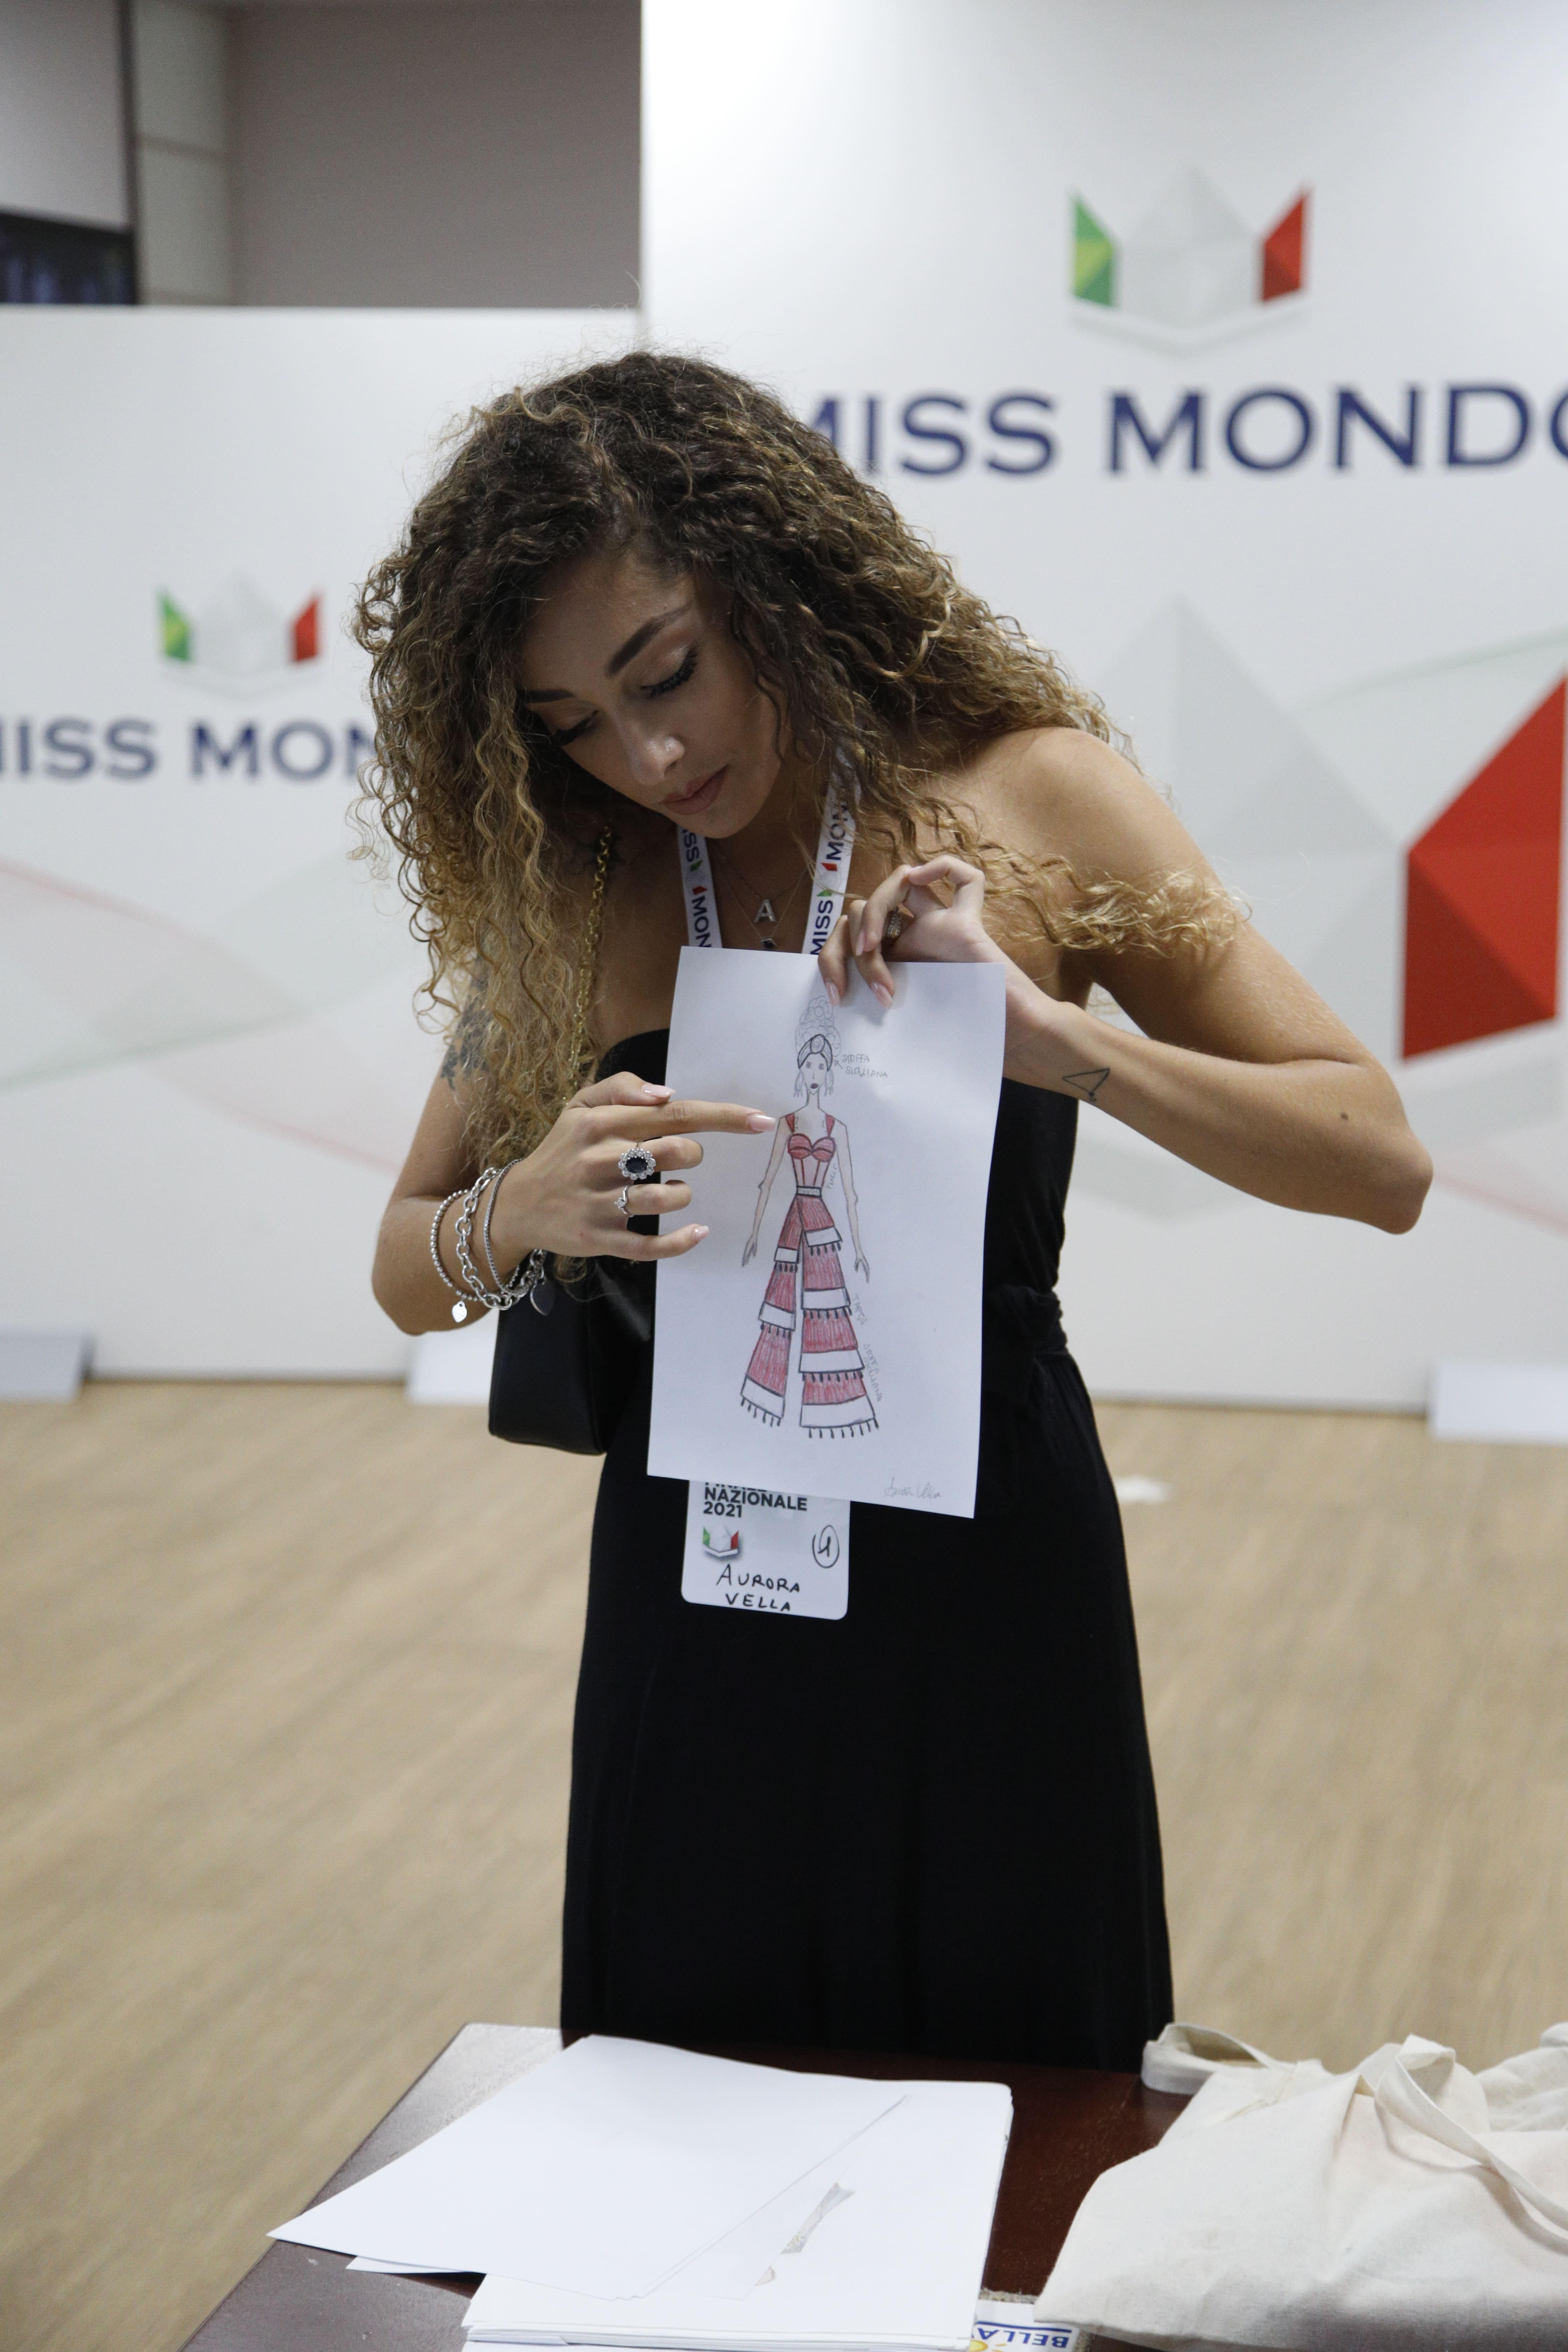 Finale nazione Miss Mondo Italia 2021 Audizione Talent 1 - 10